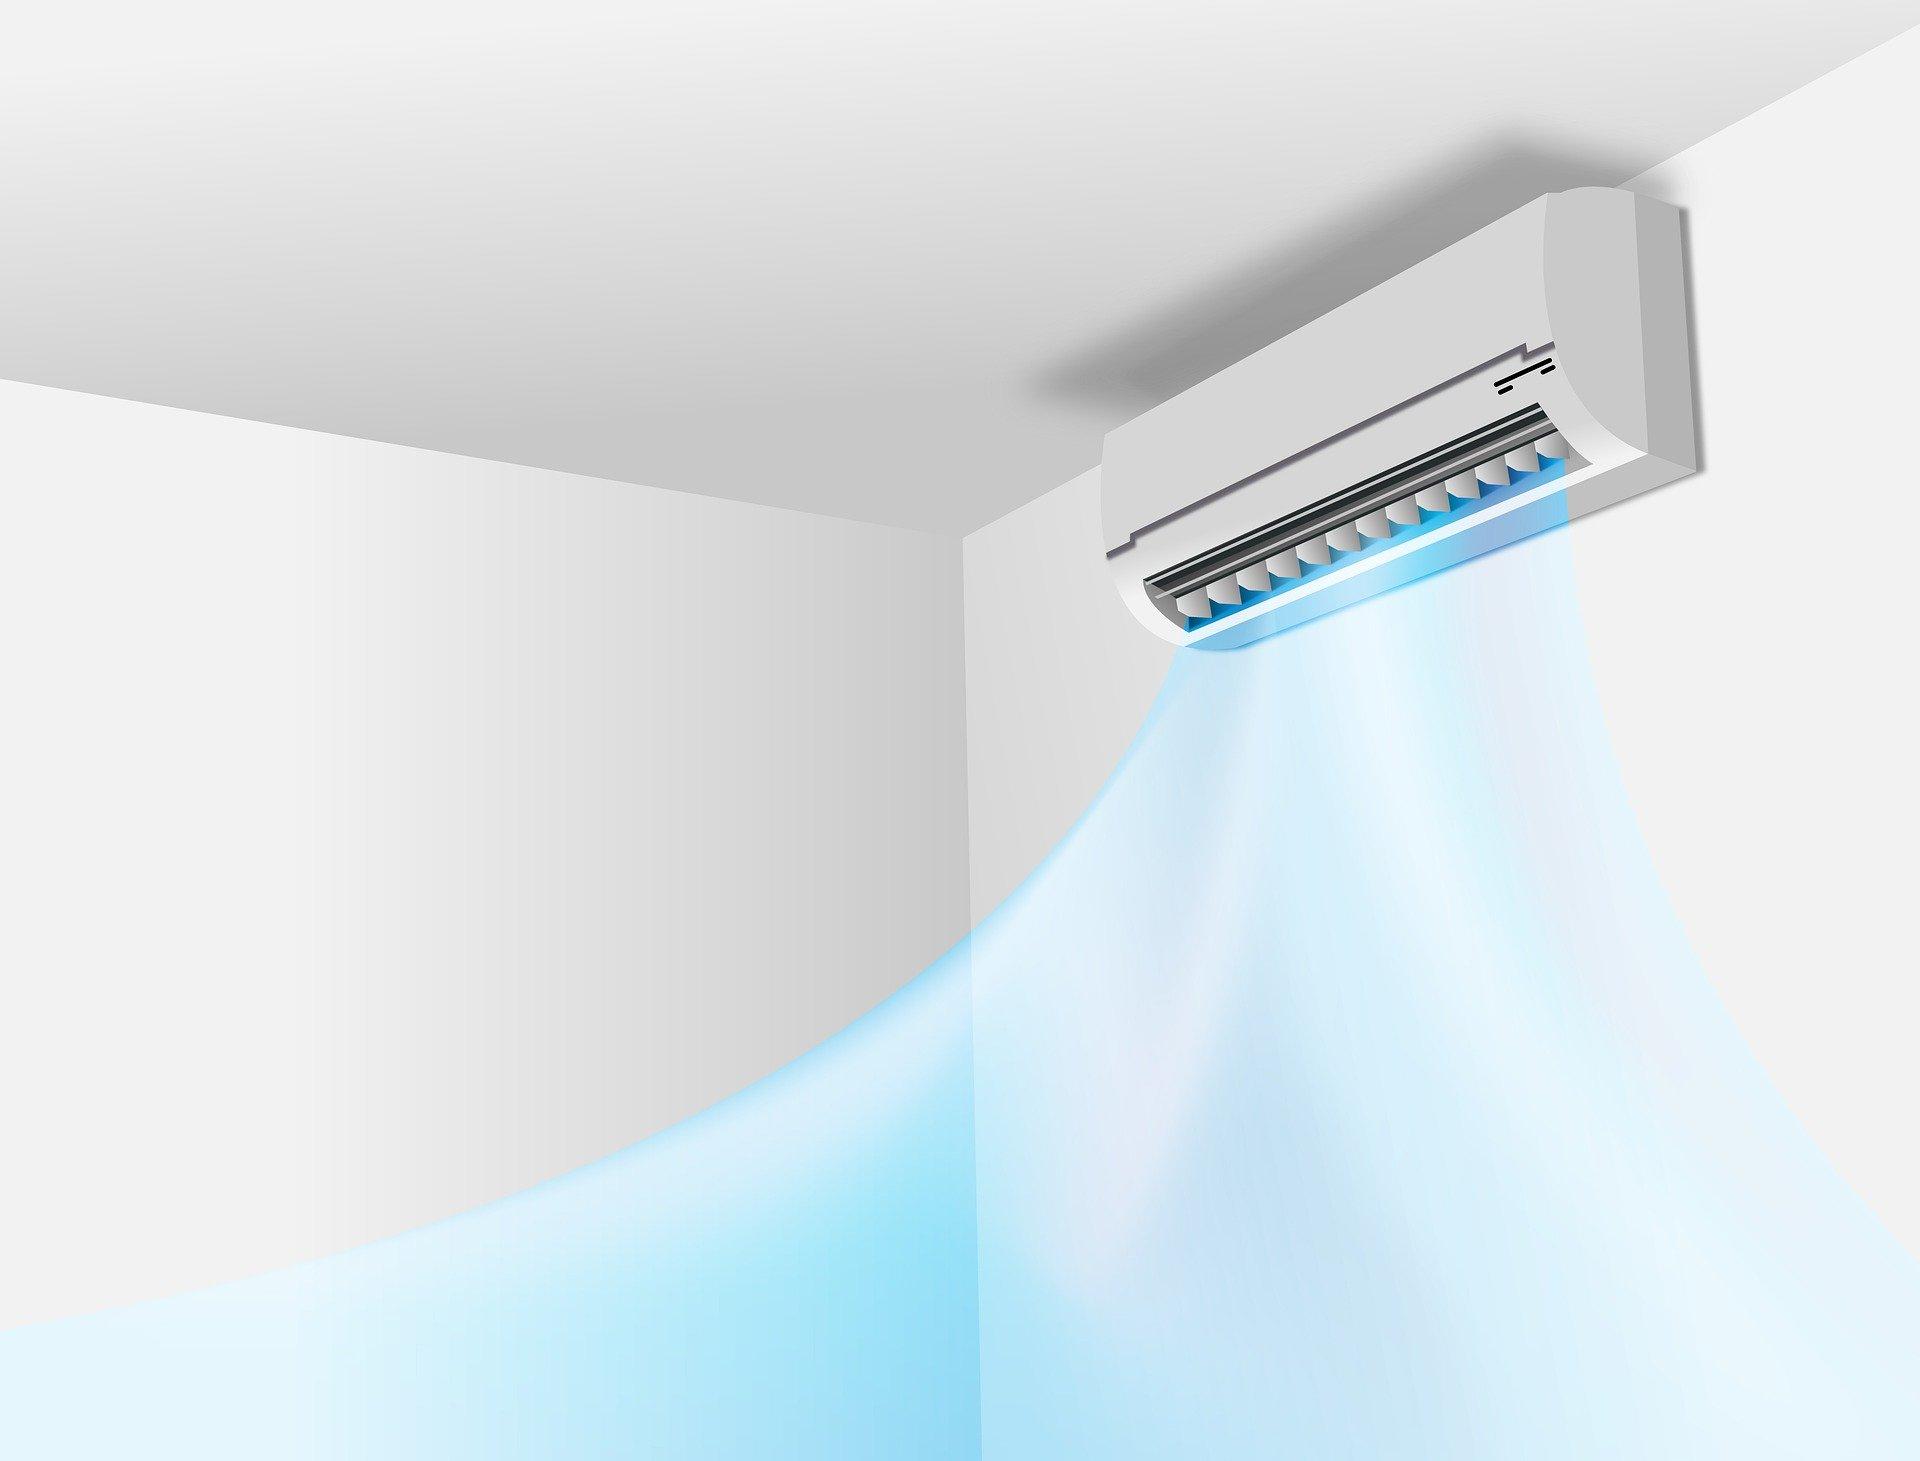 kā darbojas gaisa kondicionēšana